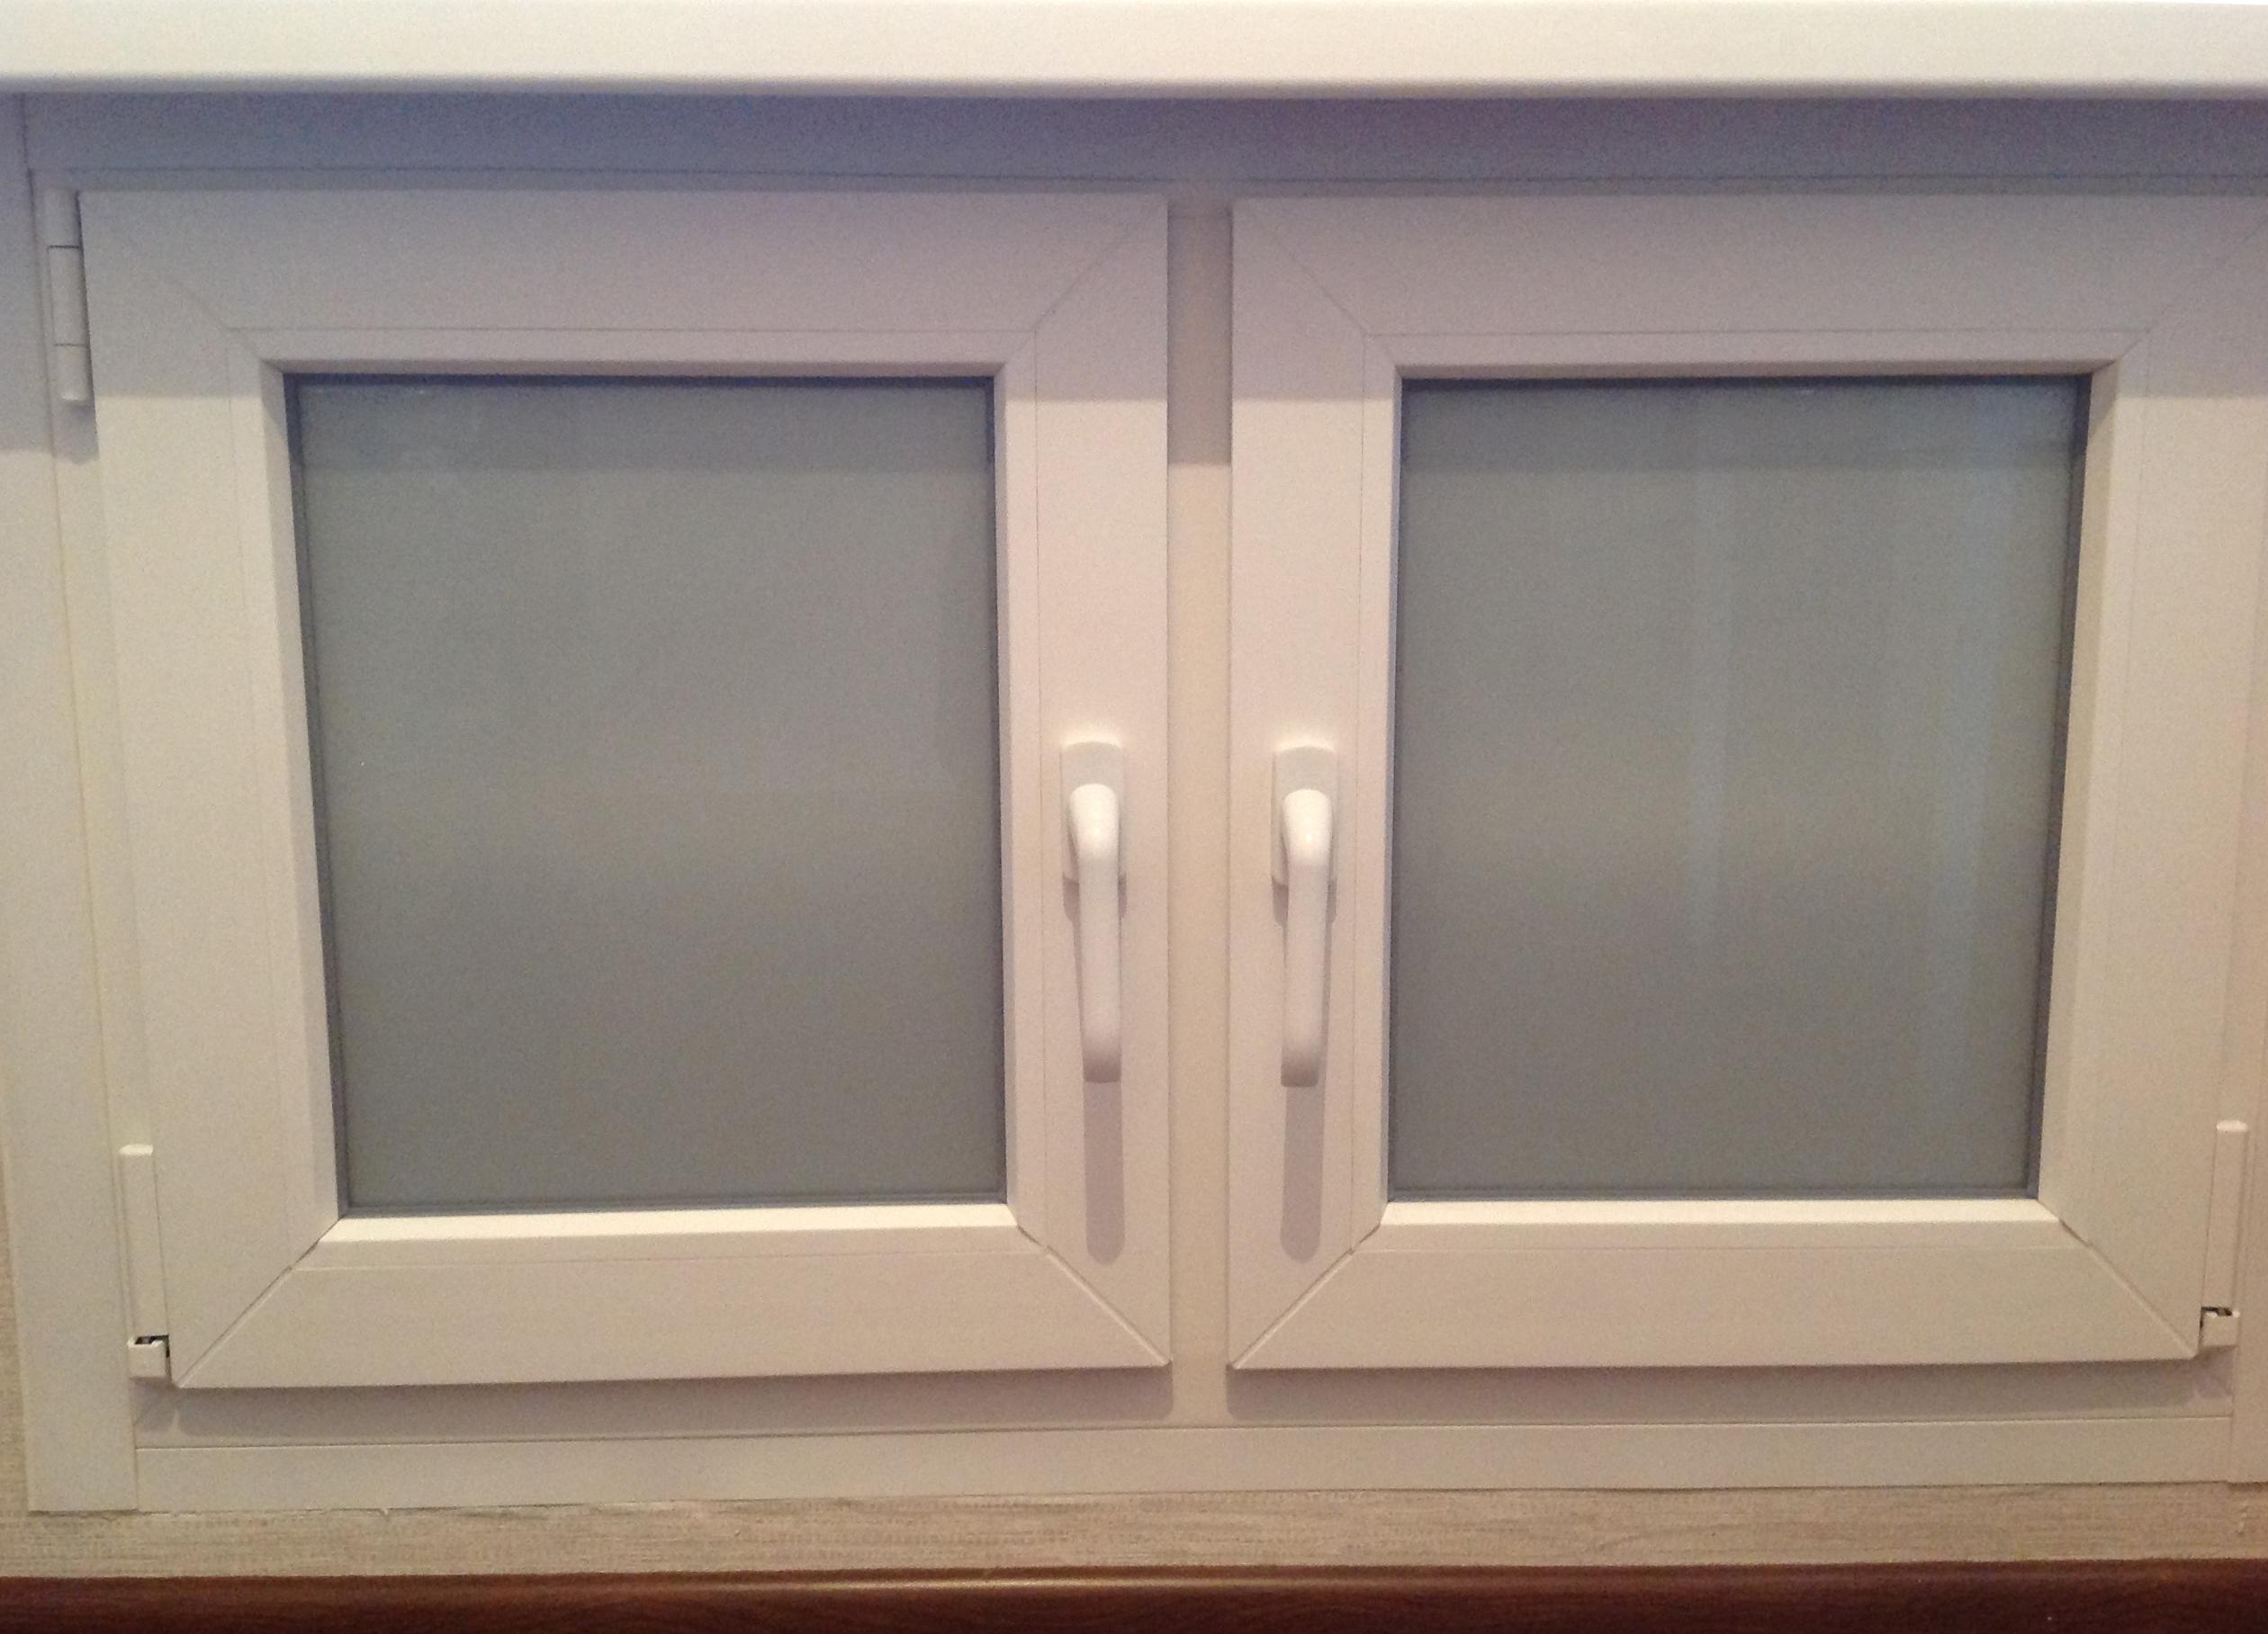 Холодильник под окном отделка